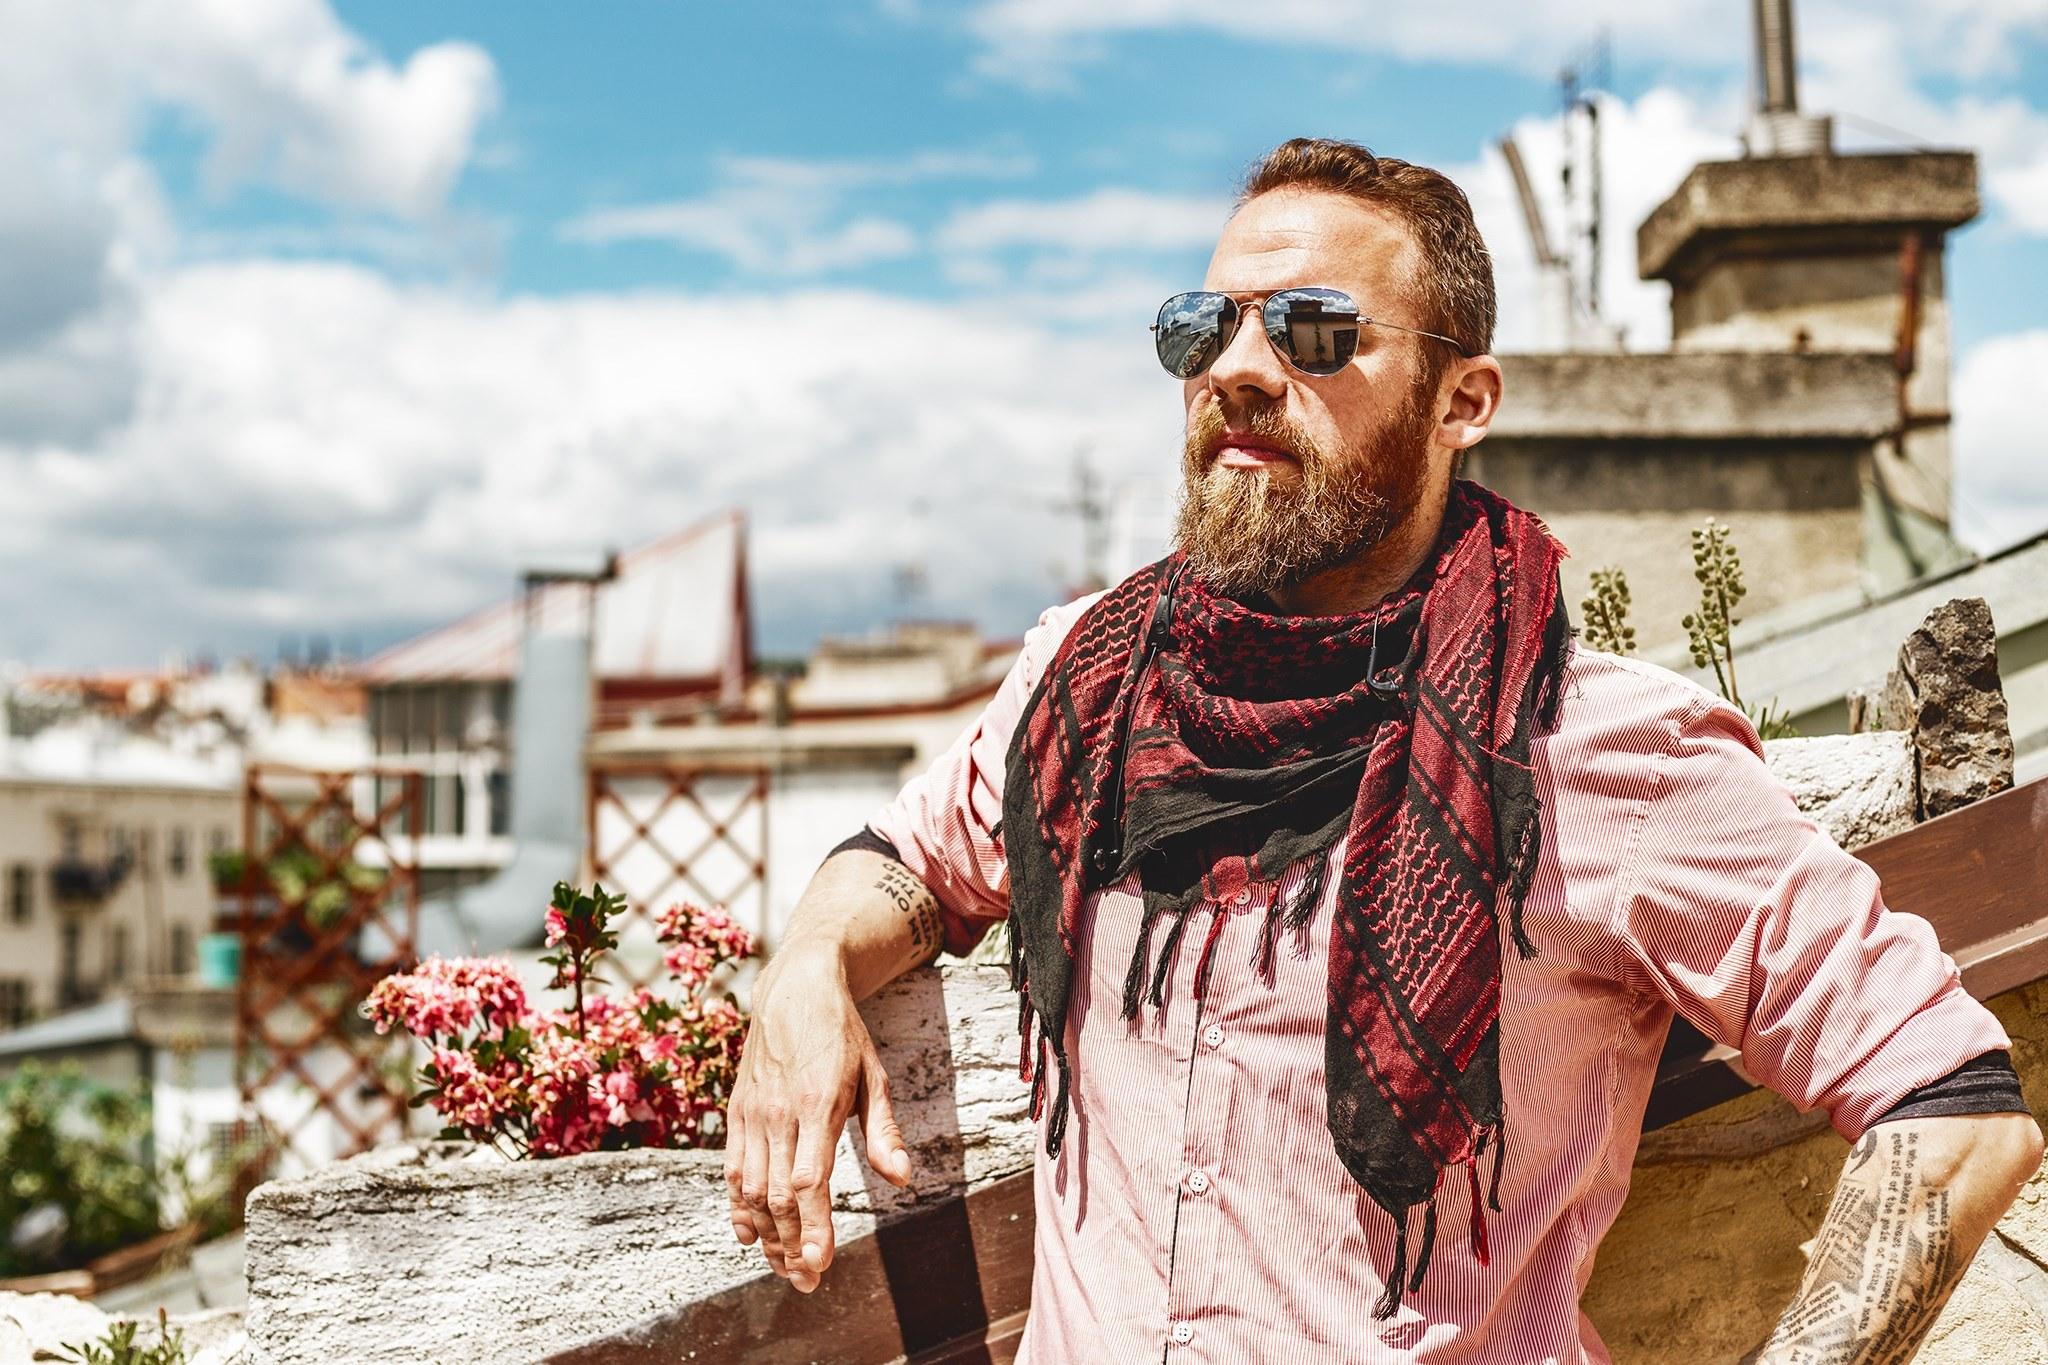 <b>Tomáš Slavíček: O životě v Asii, vlastní kavárně v Hanoji i práci na dálku</b>